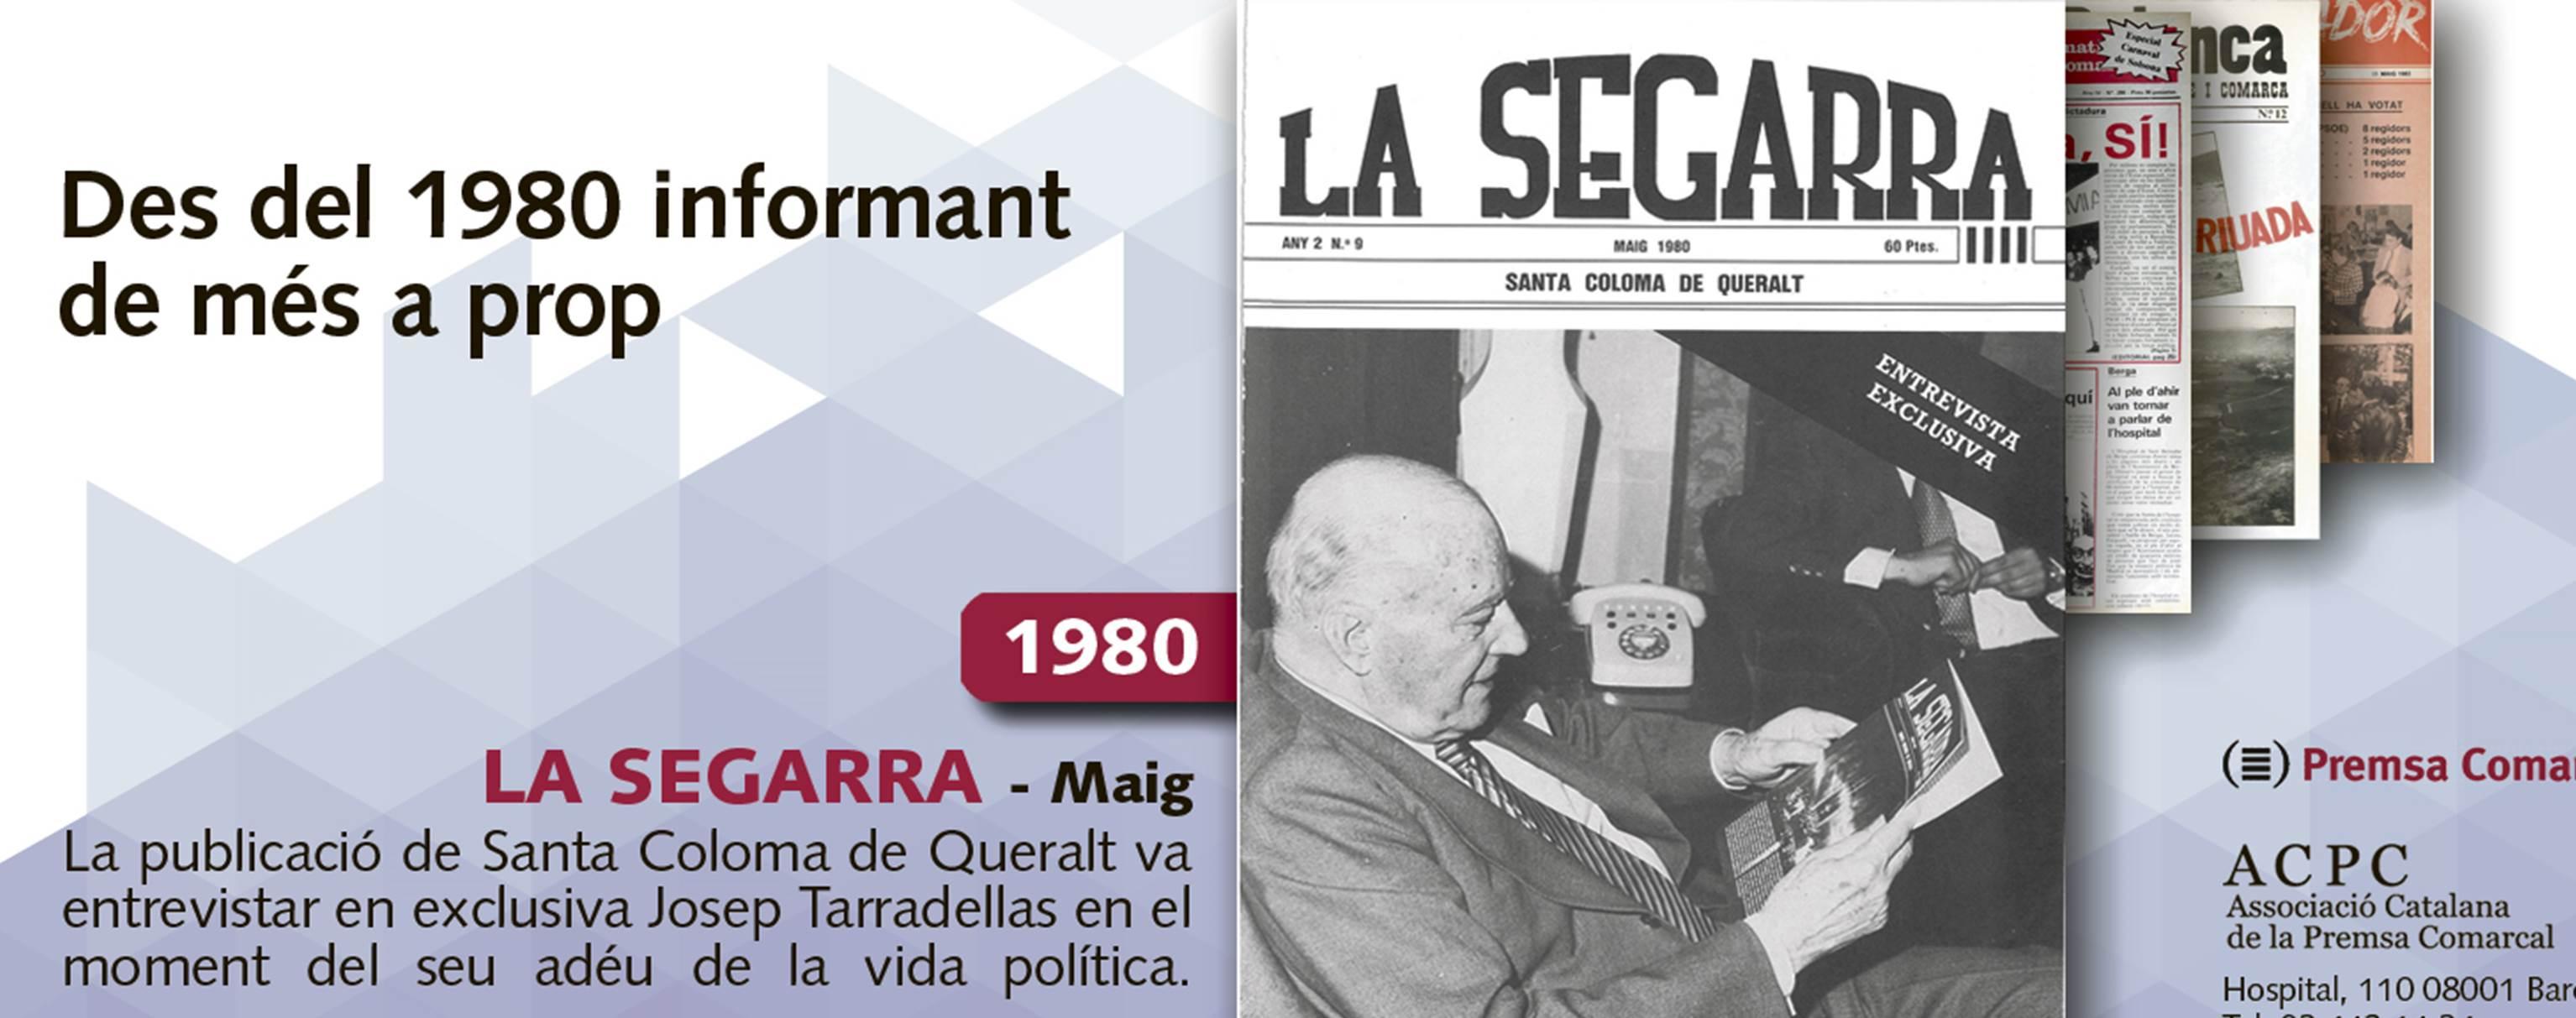 Josep Tarradellas entrevistat a 'La Segarra' el 1980, tret de sortida a la campanya de portades de l'ACPC